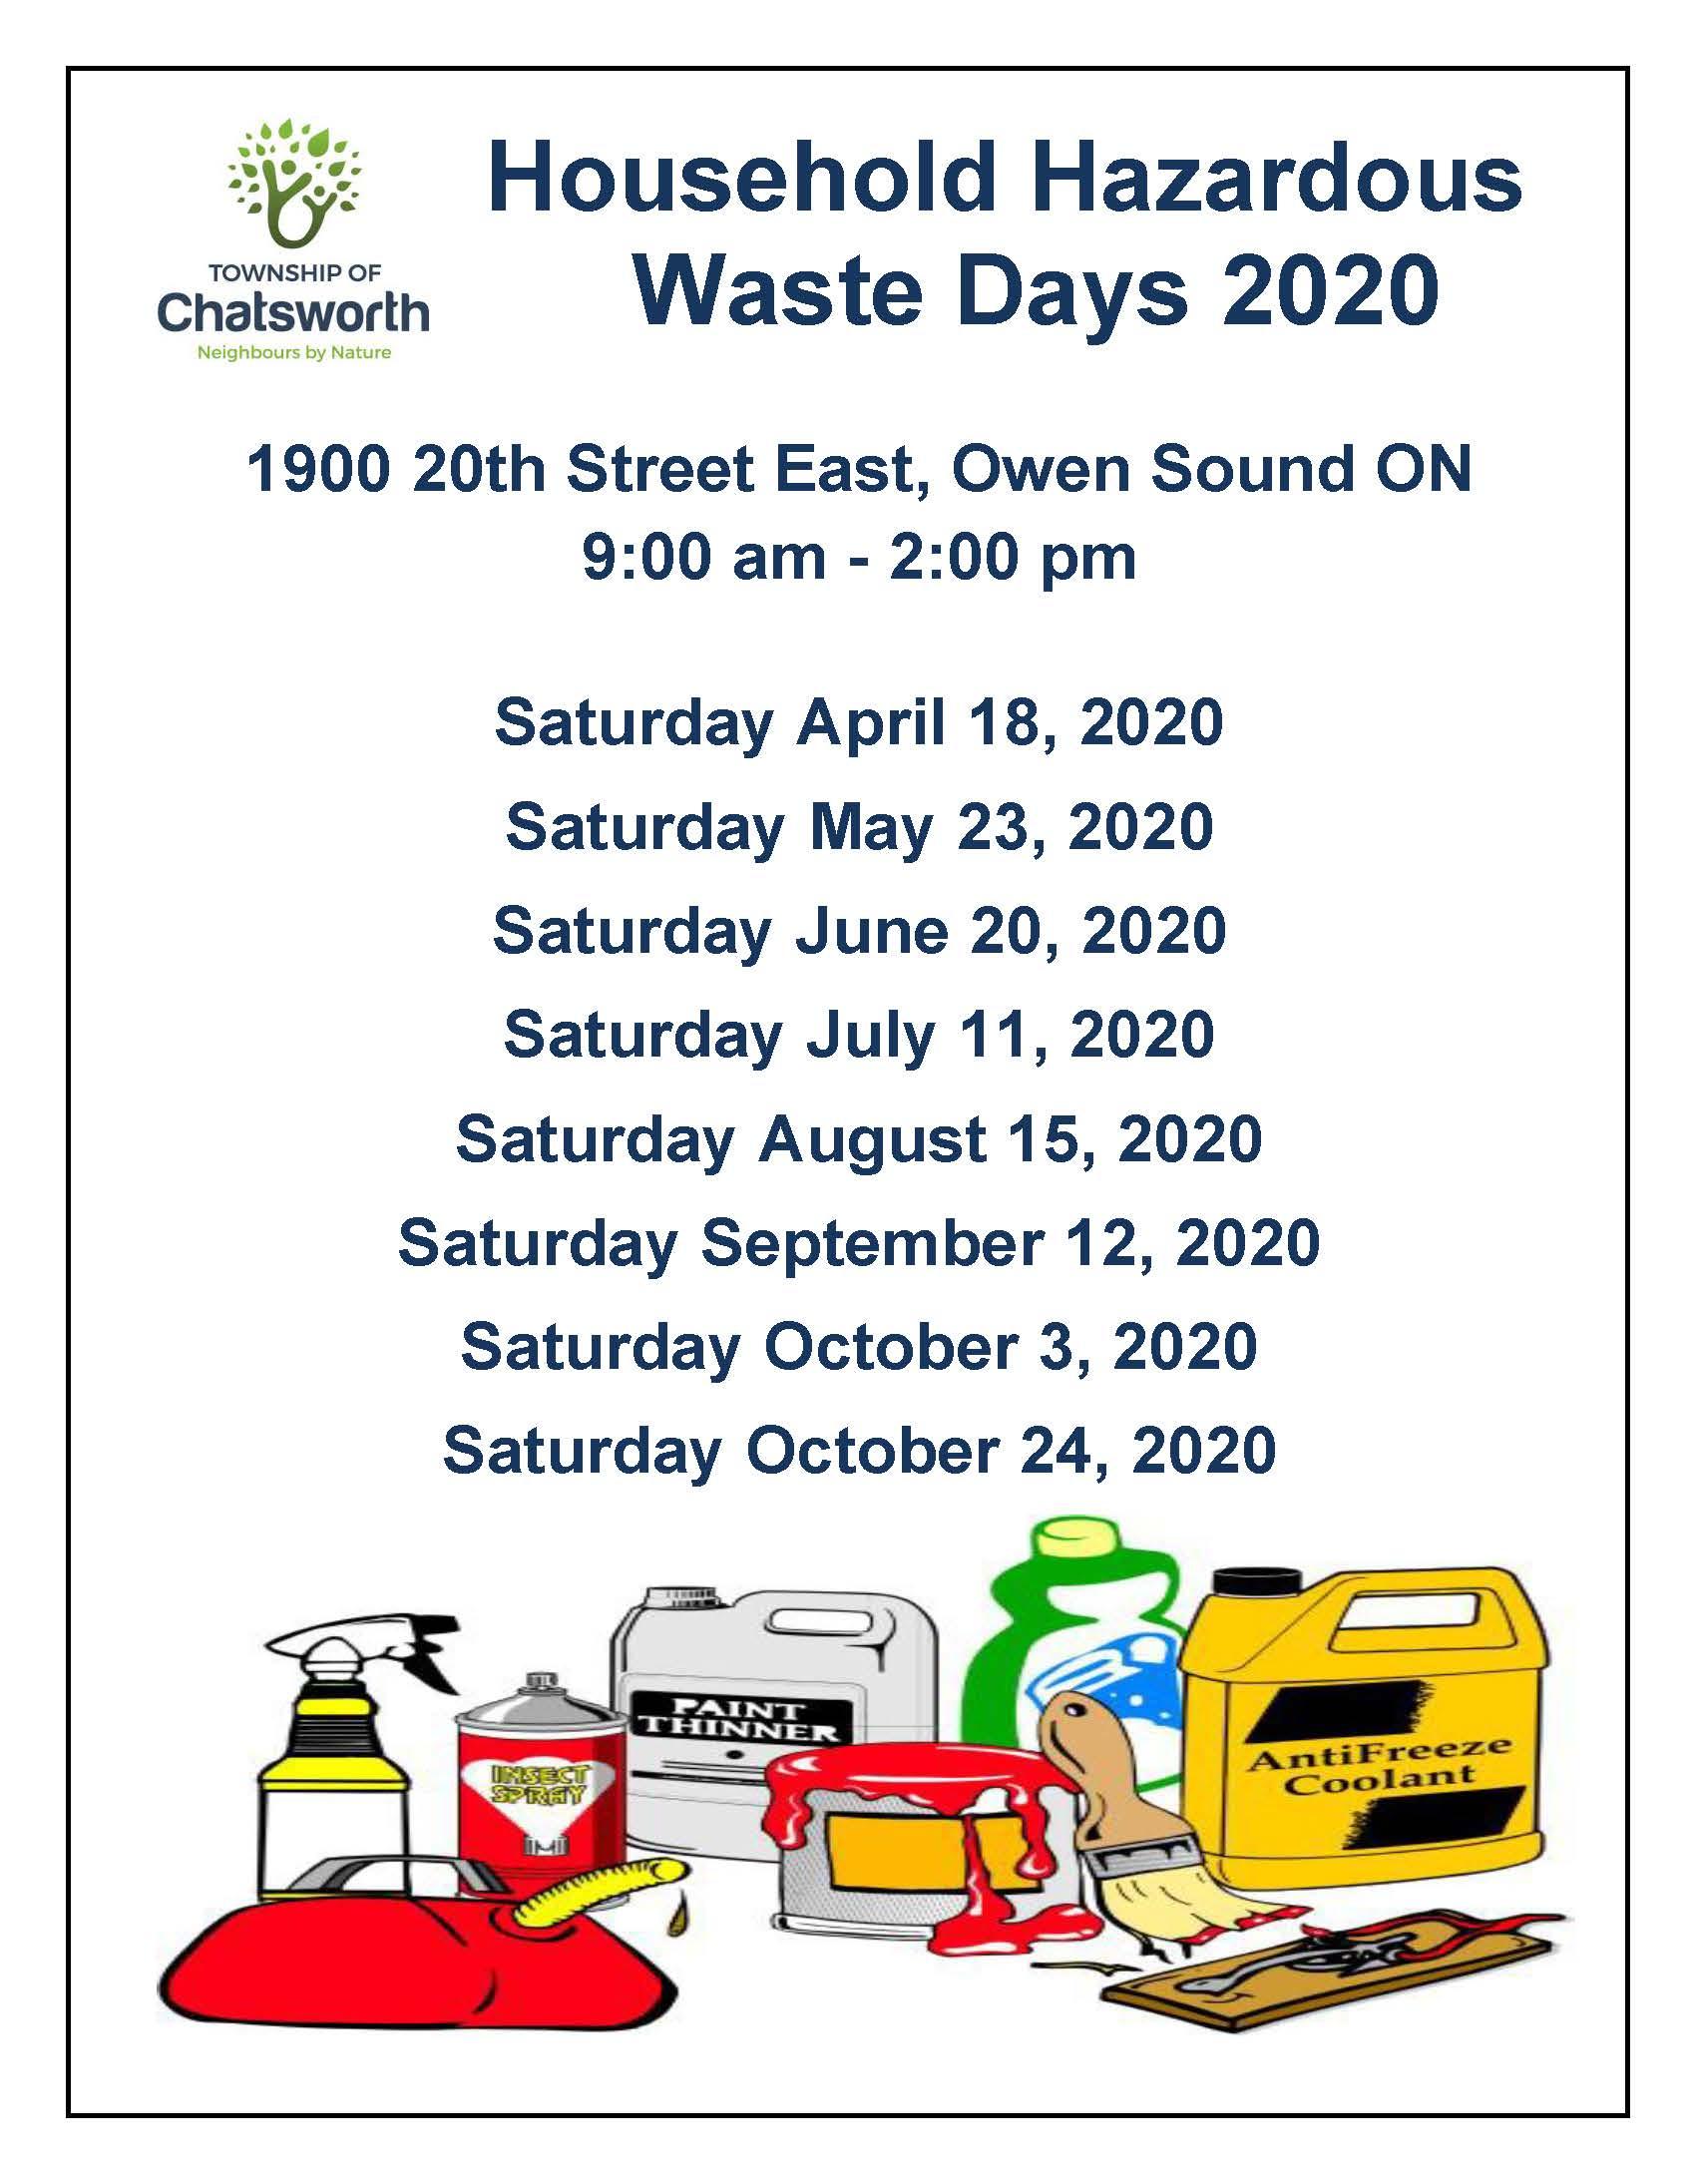 2020 Household Hazardous Waste Days